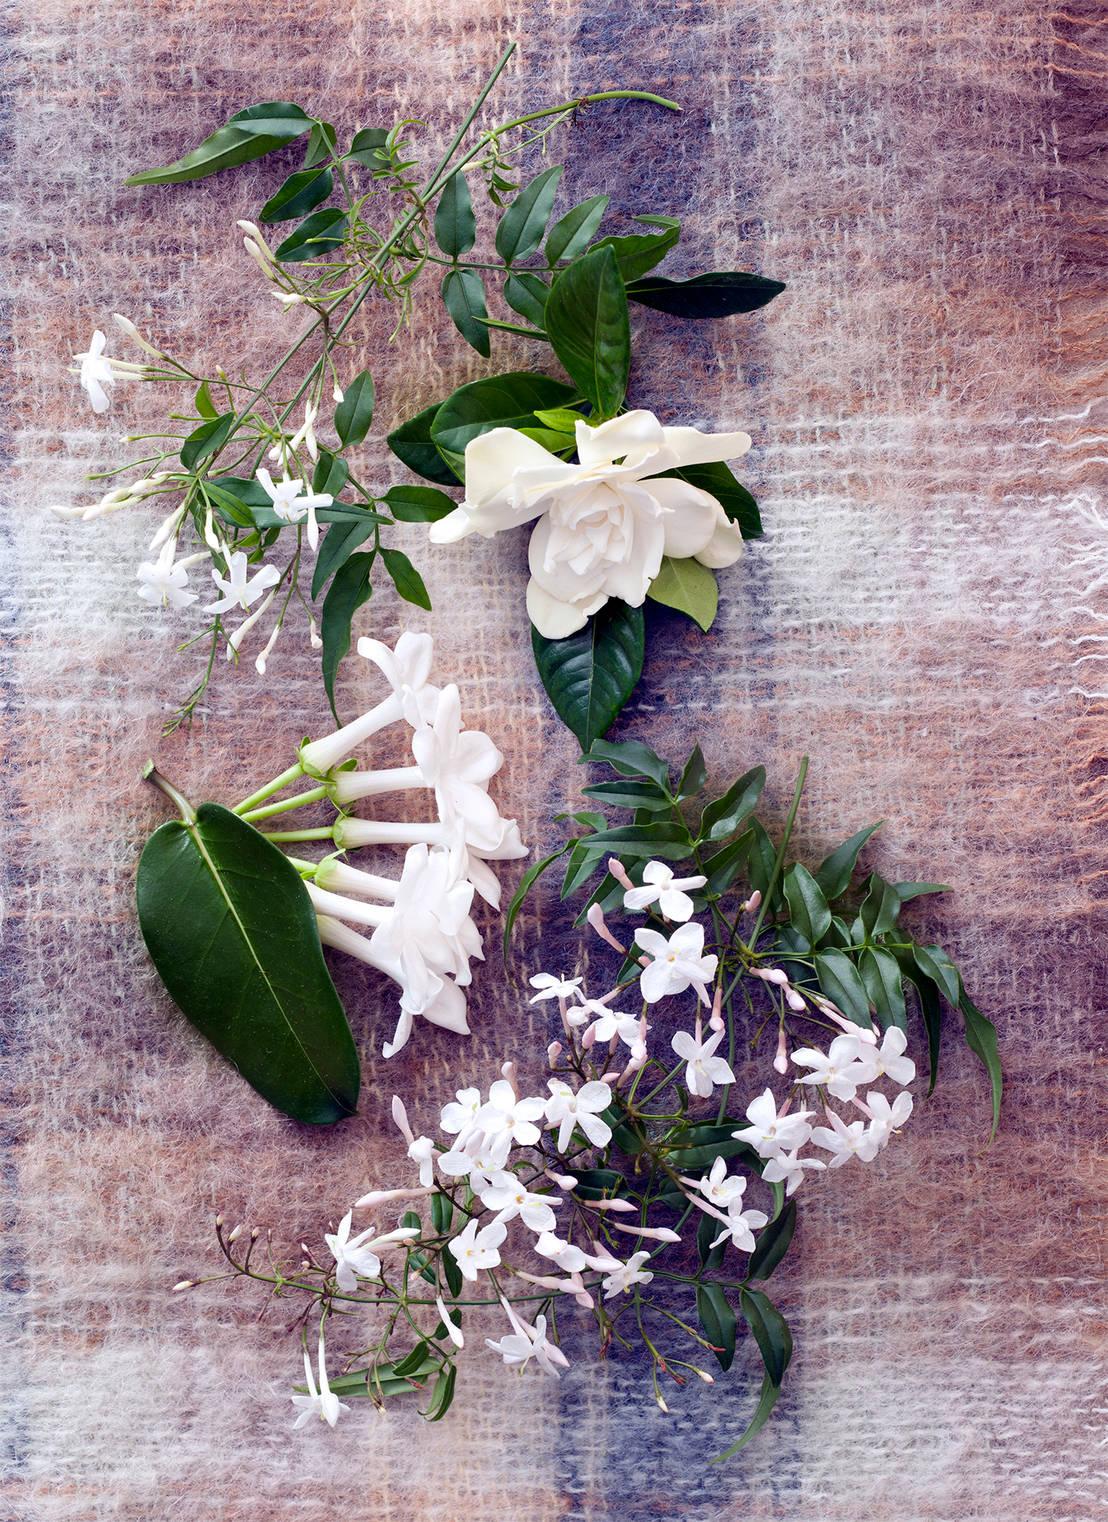 Duftende bl ten in wei sind zimmerpflanzen des monats for Zimmerpflanzen dekorativ